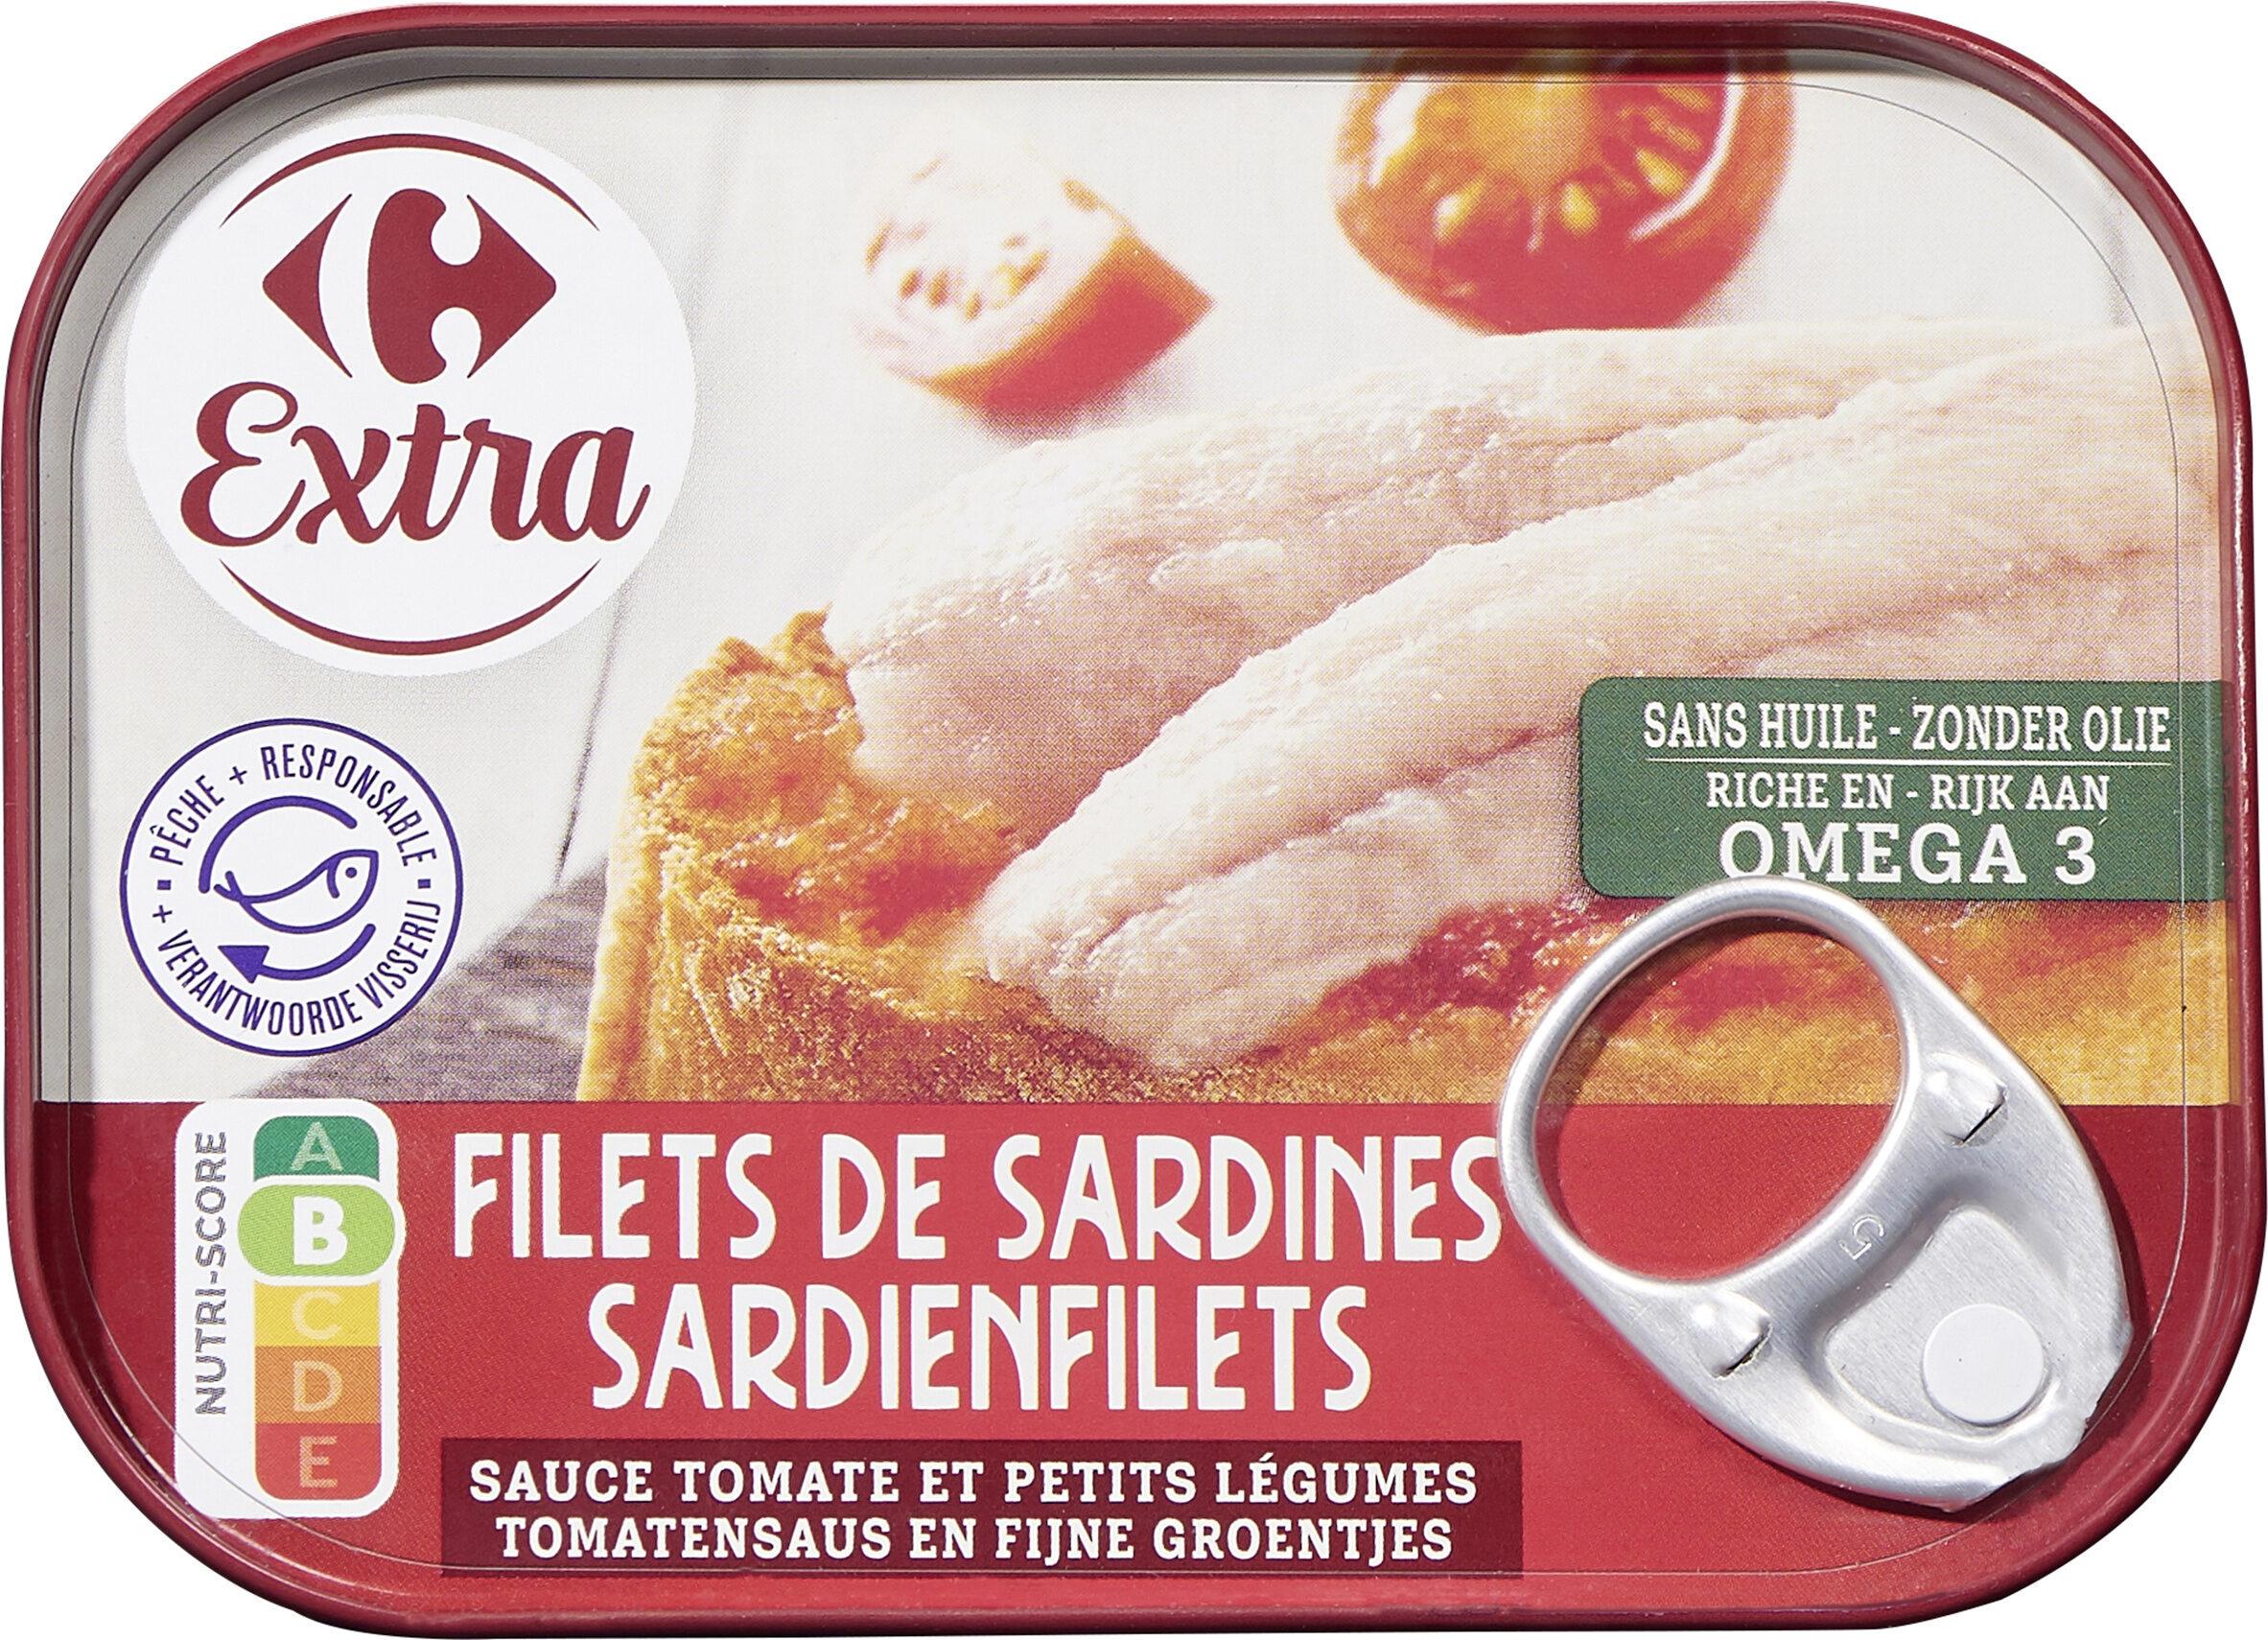 Filets de sardines, sauce tomate et petits légumes - Produit - fr